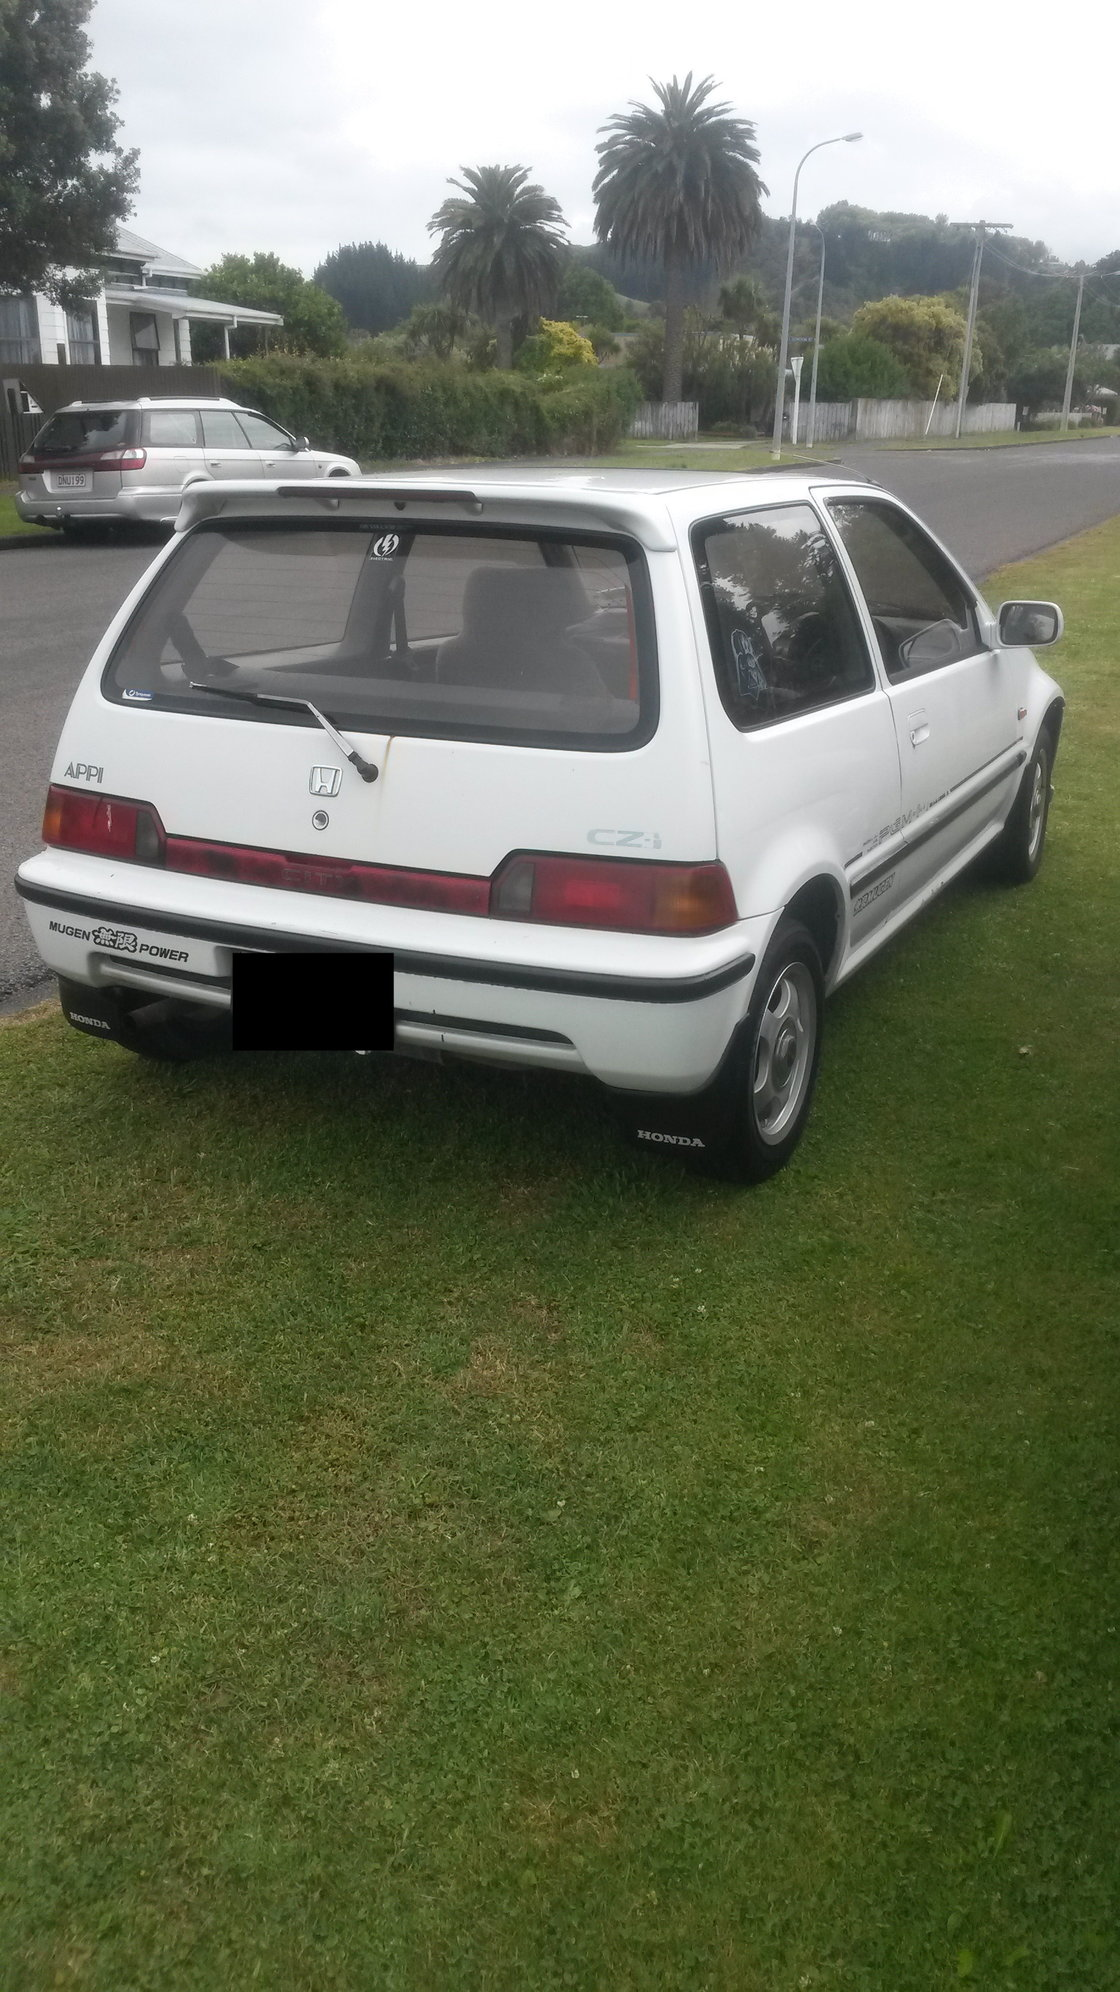 FS 1990 Honda City Mugen 2 door hatch - need idea on price ...